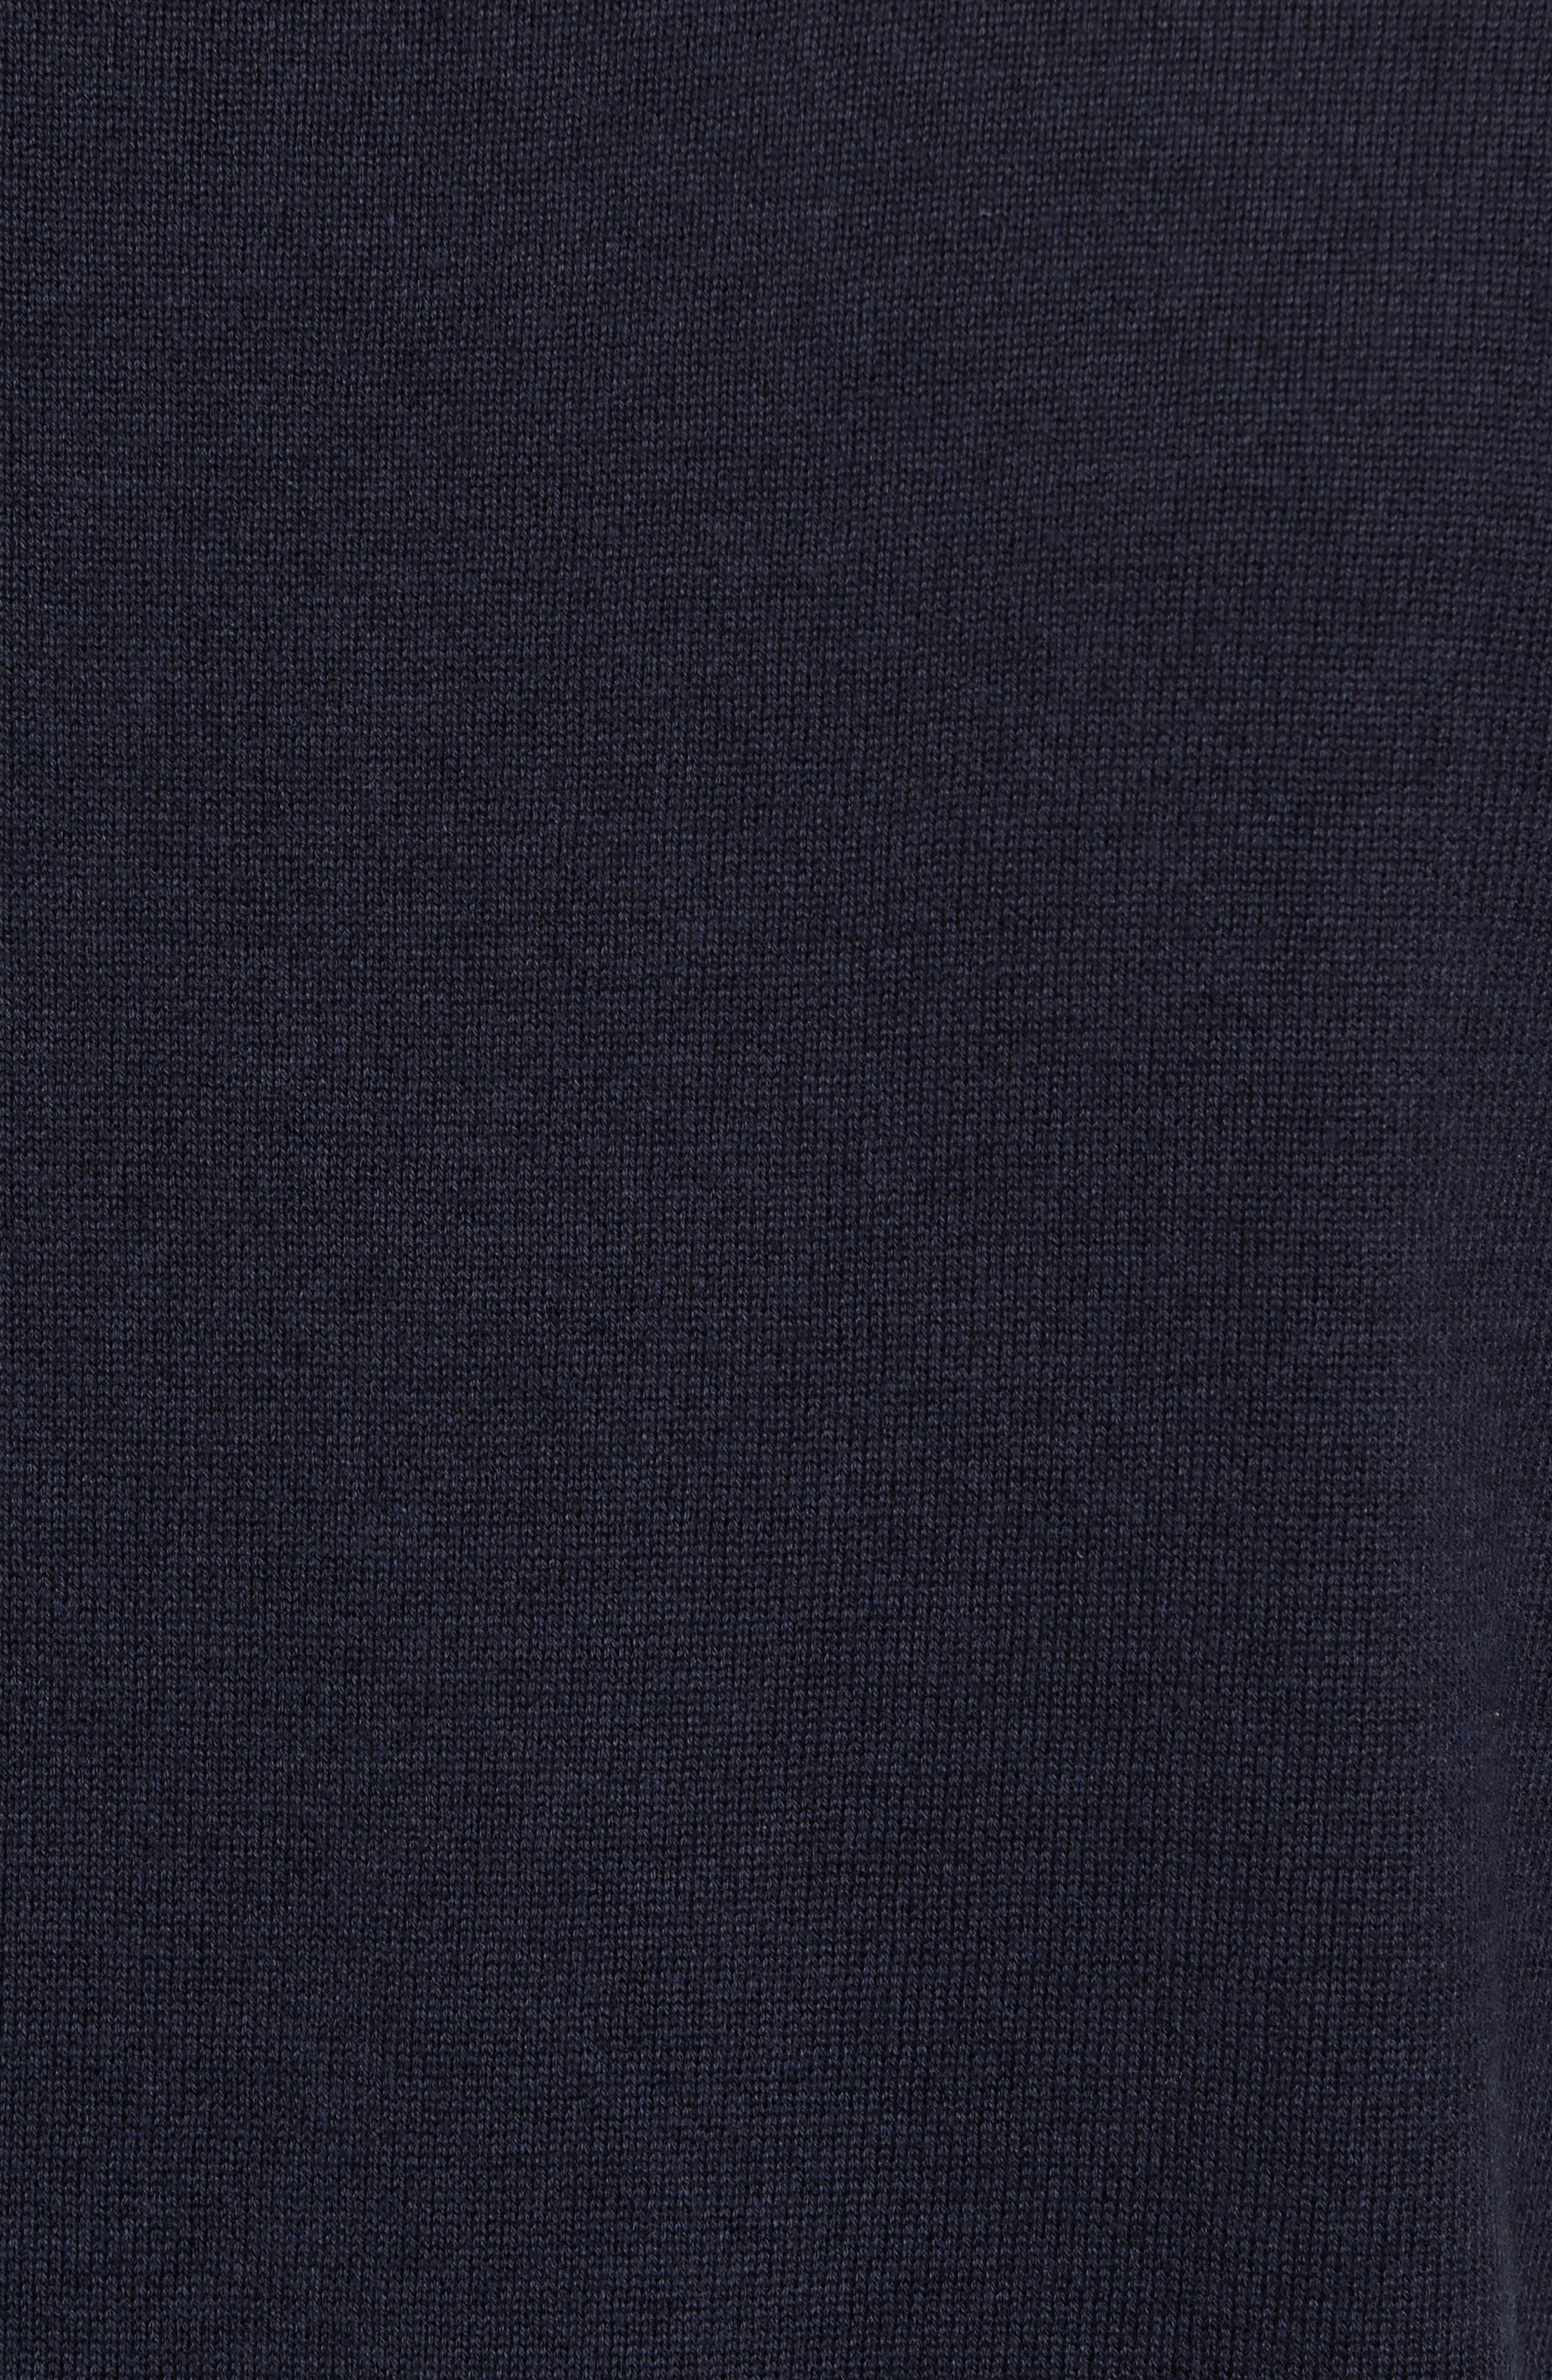 Portrait Crewneck Sweater,                             Alternate thumbnail 15, color,